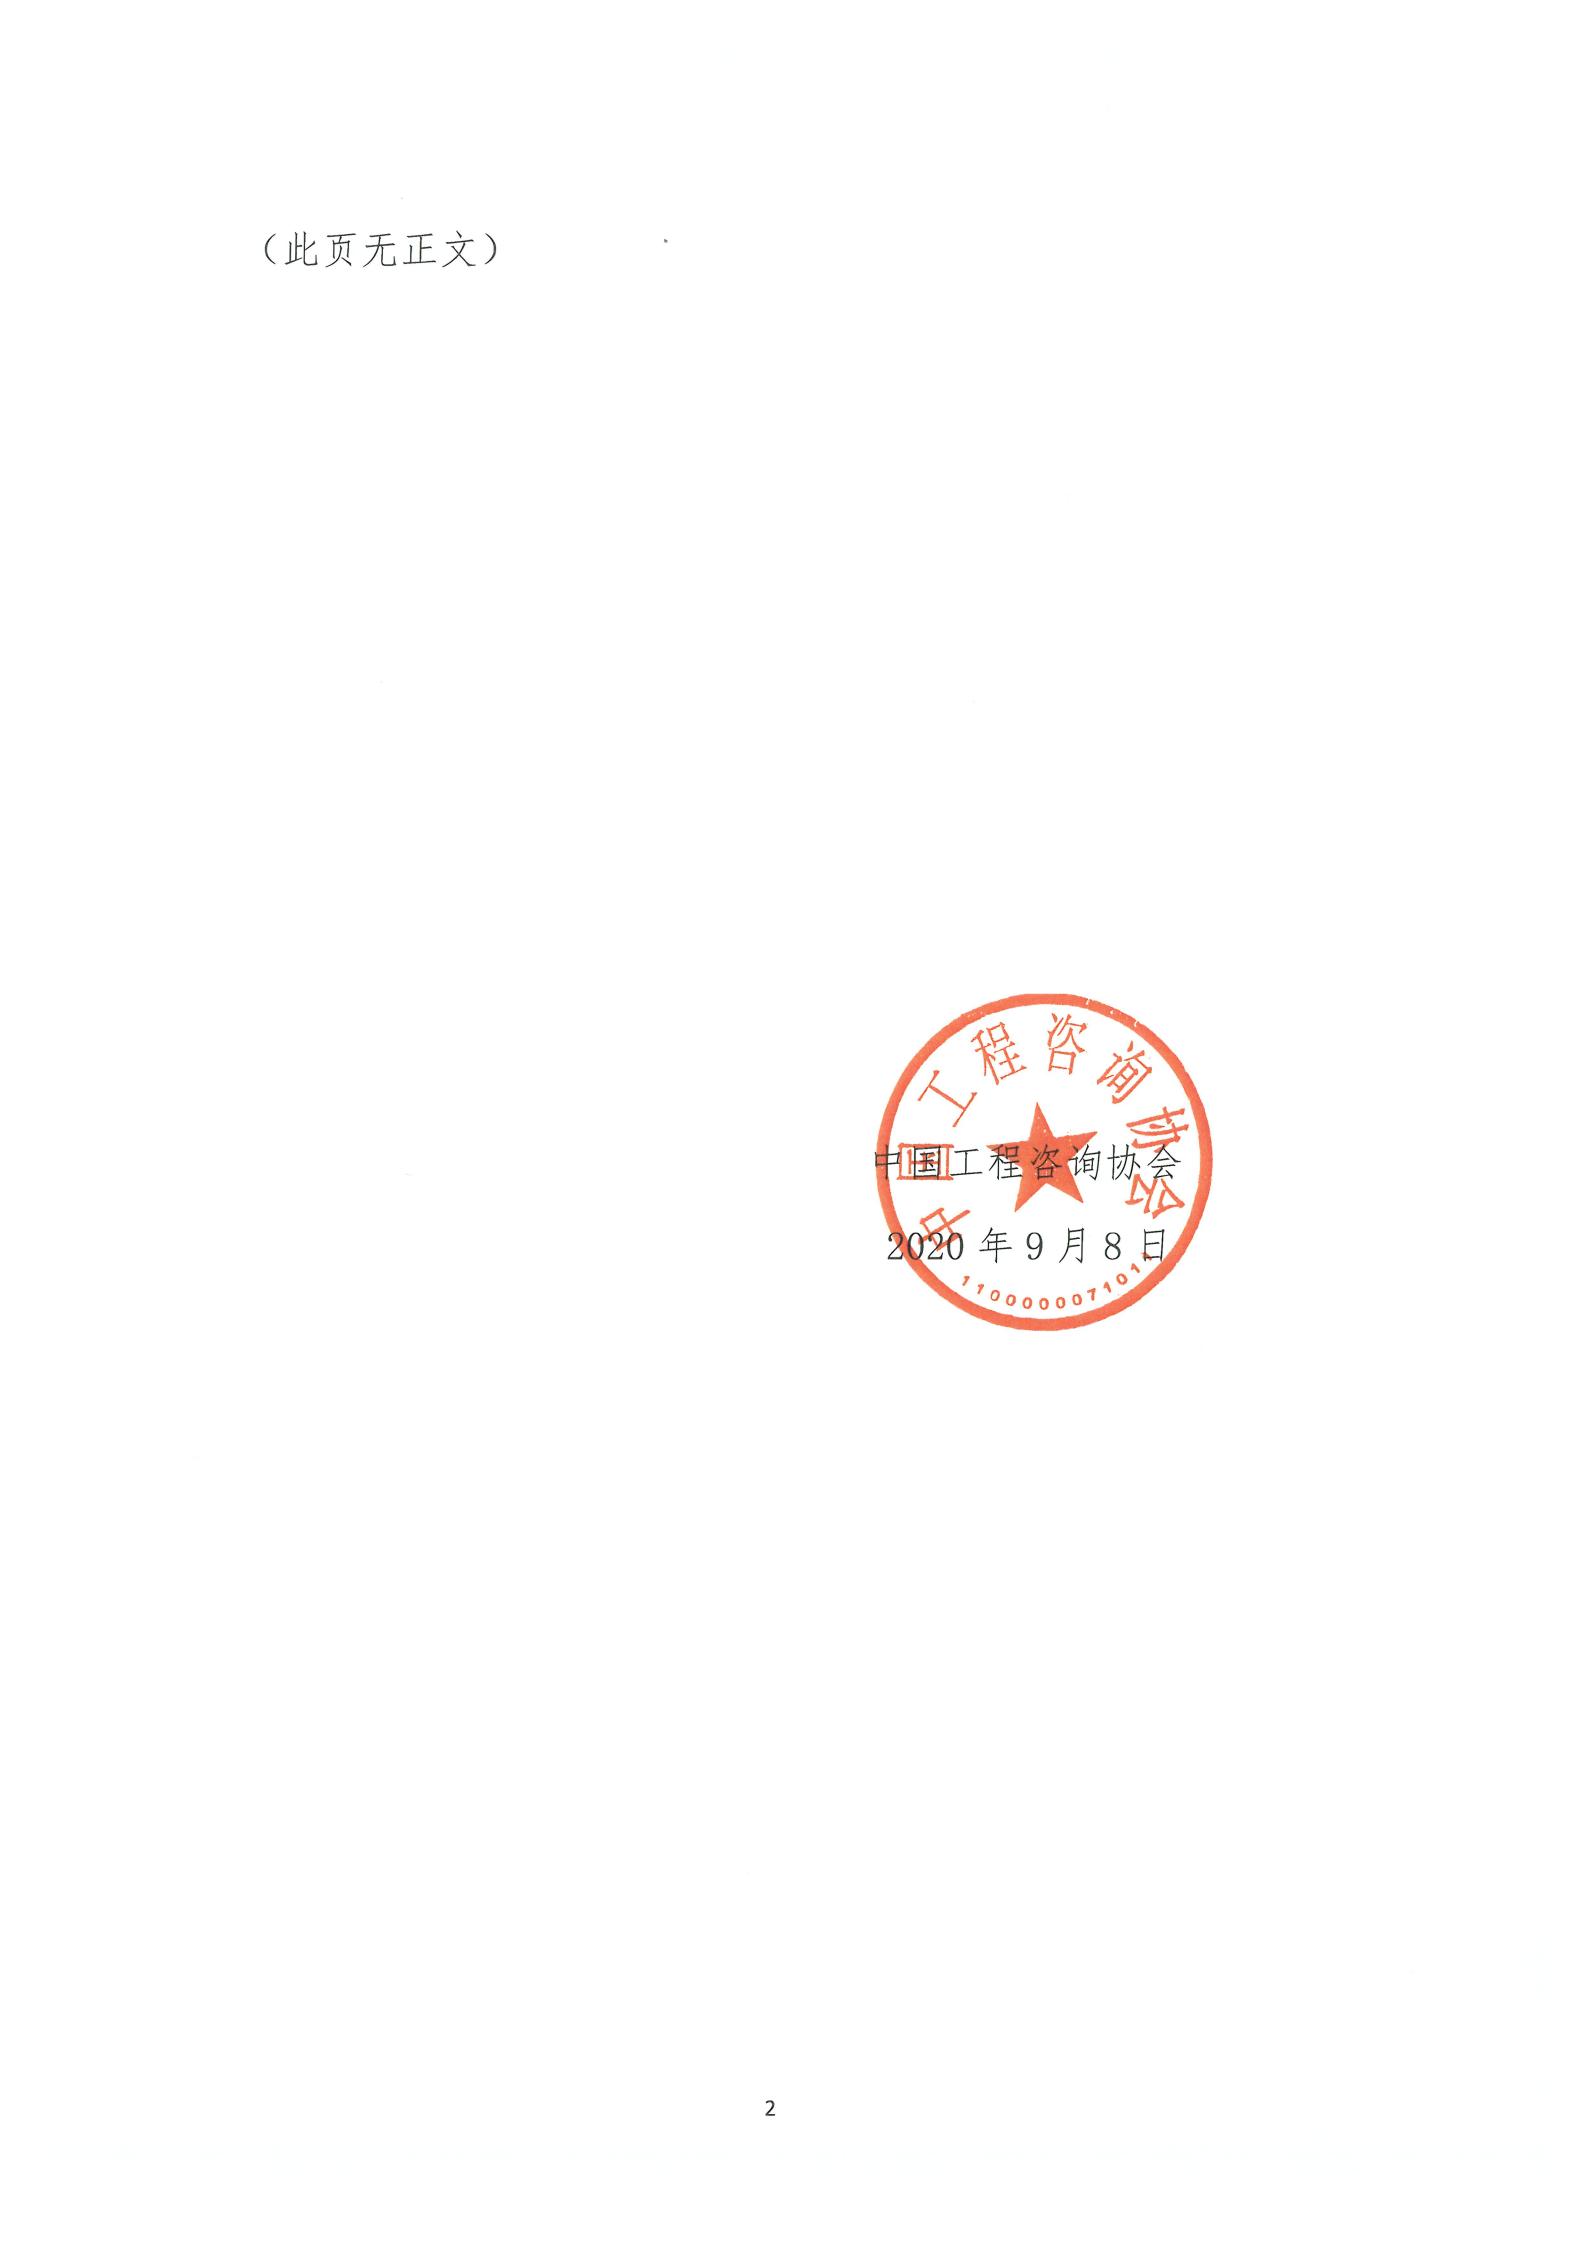 提取自关于印发咨询师执业专用章使用管理办法的通知-中咨协资信[2020]55号_01.png